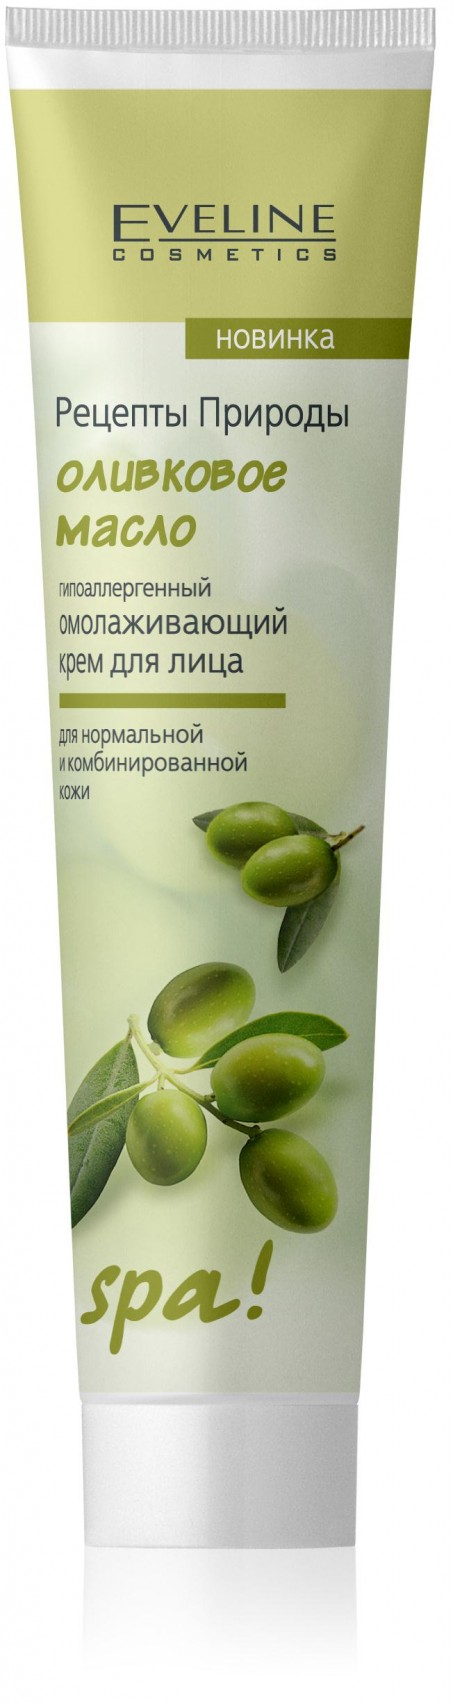 Оливковое масло крем для лица рецепты